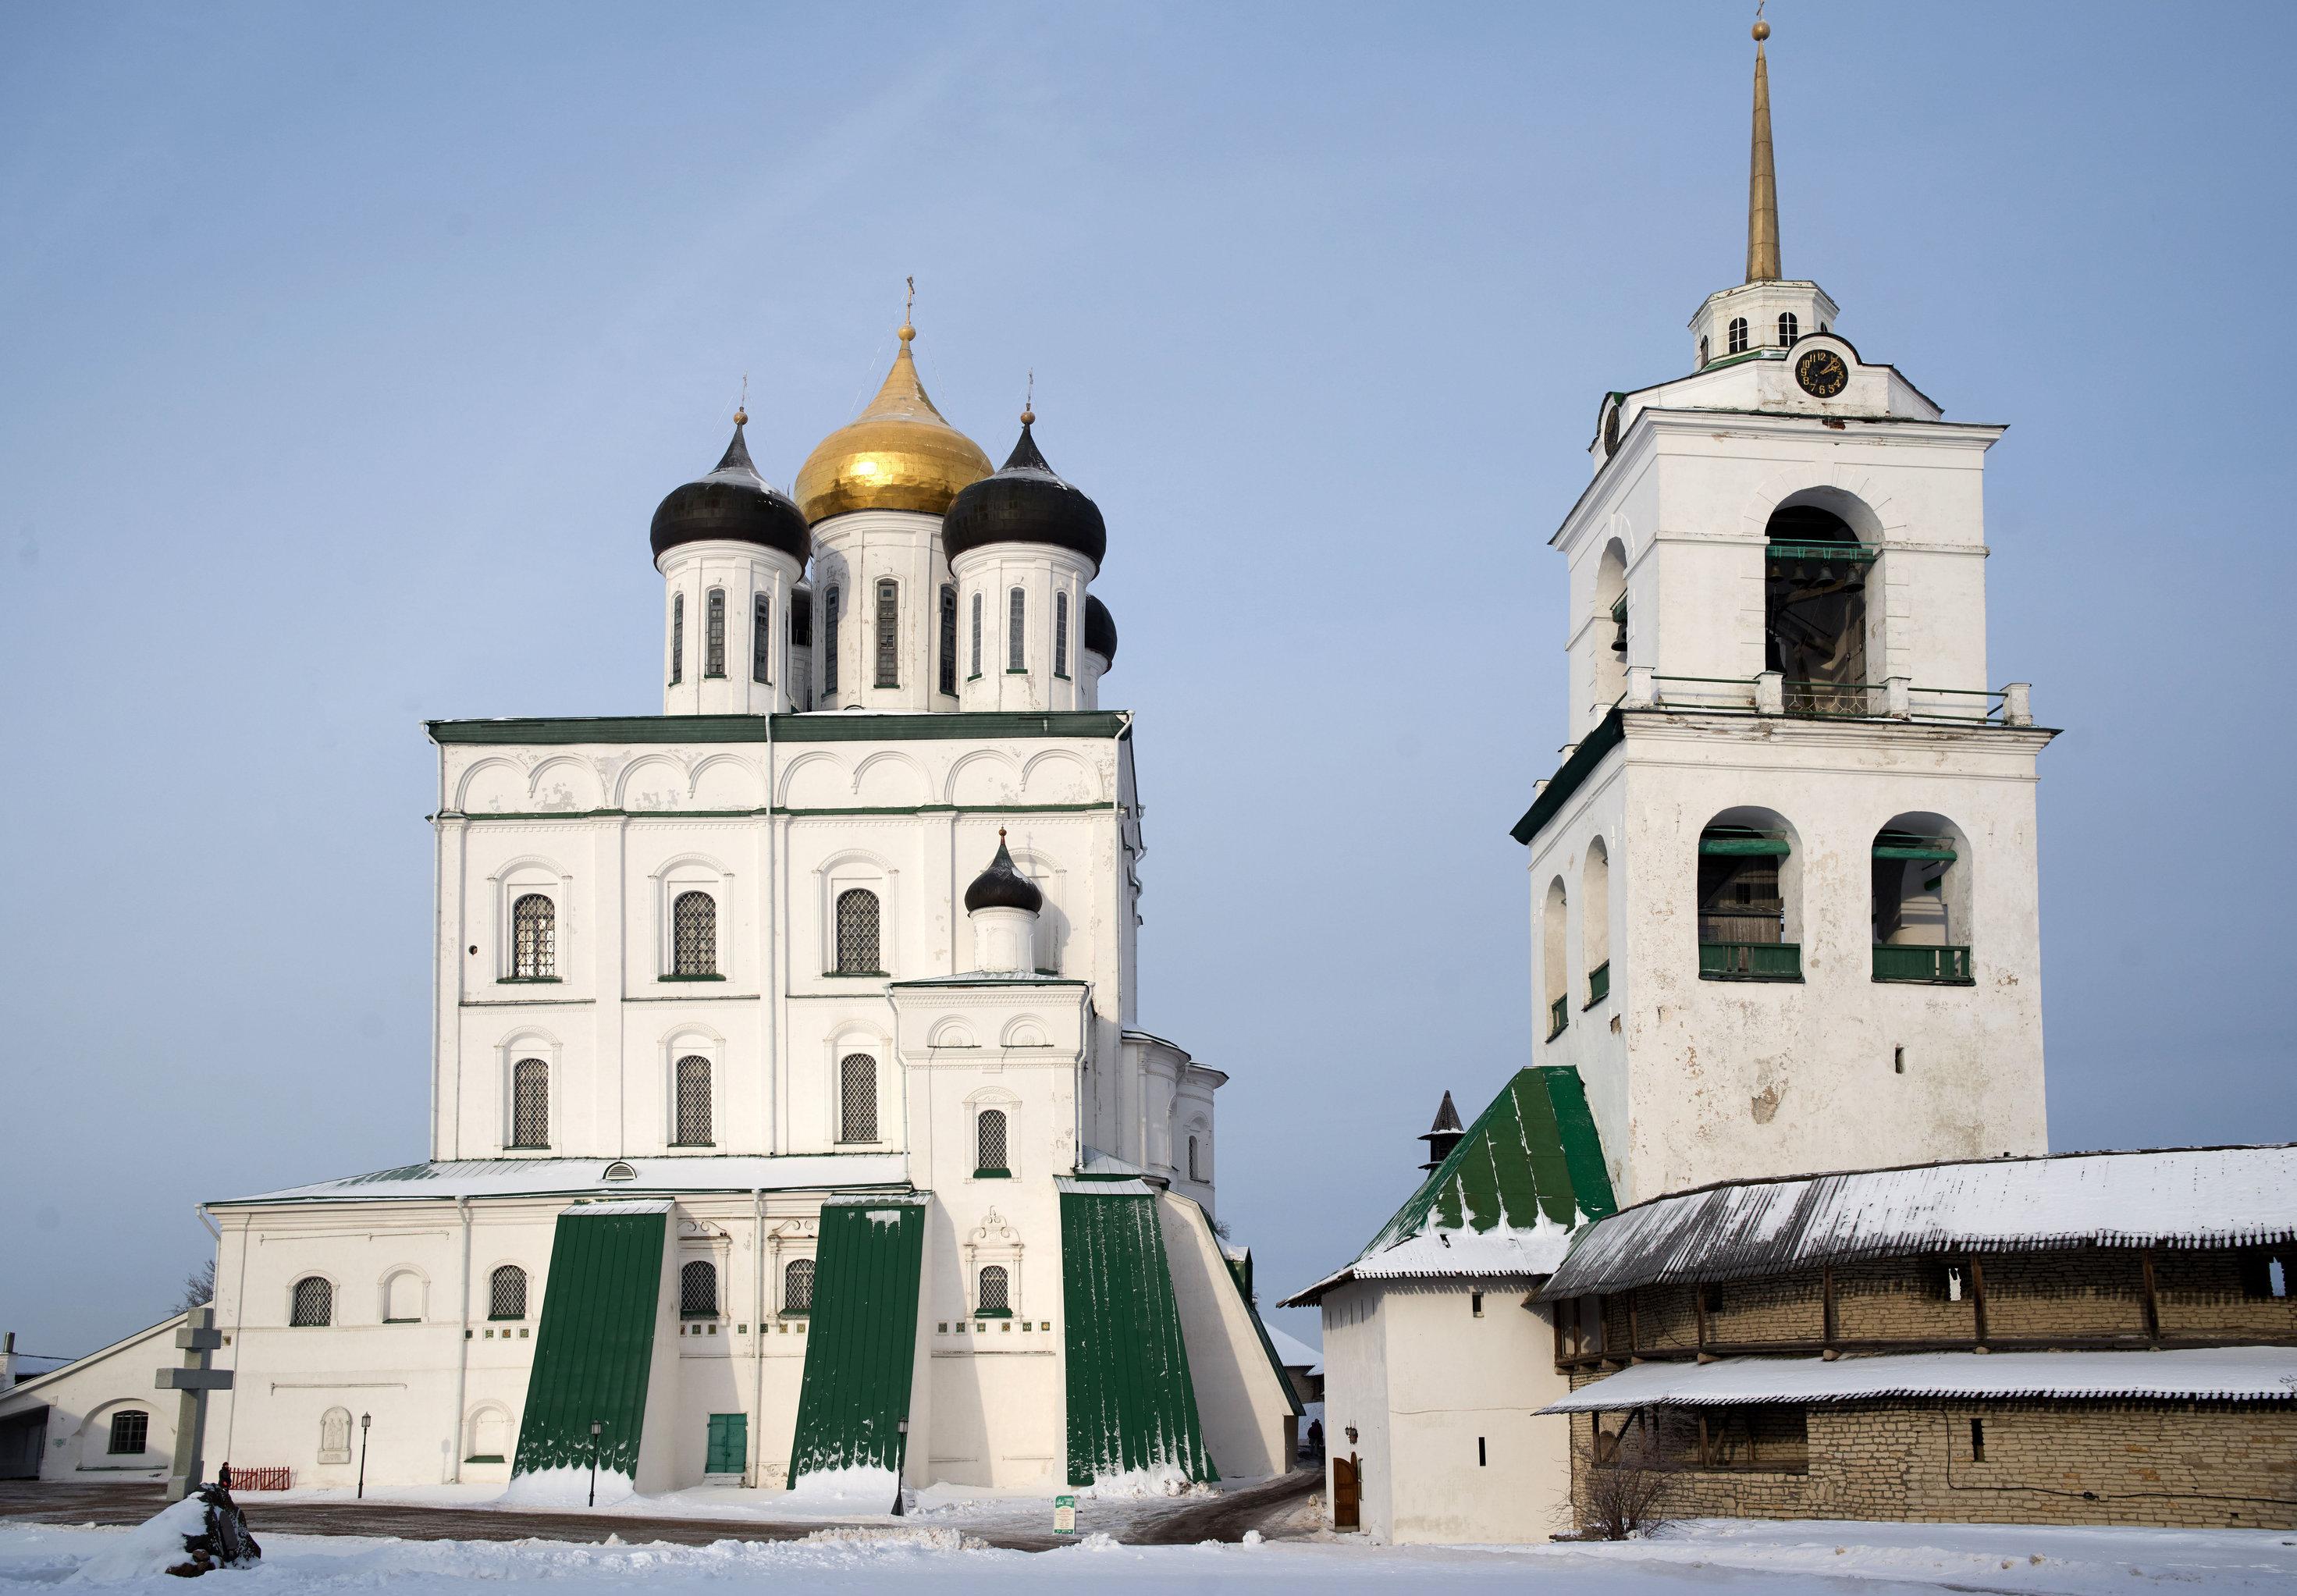 Una catedral en la ciudad de Pskov, Rusia